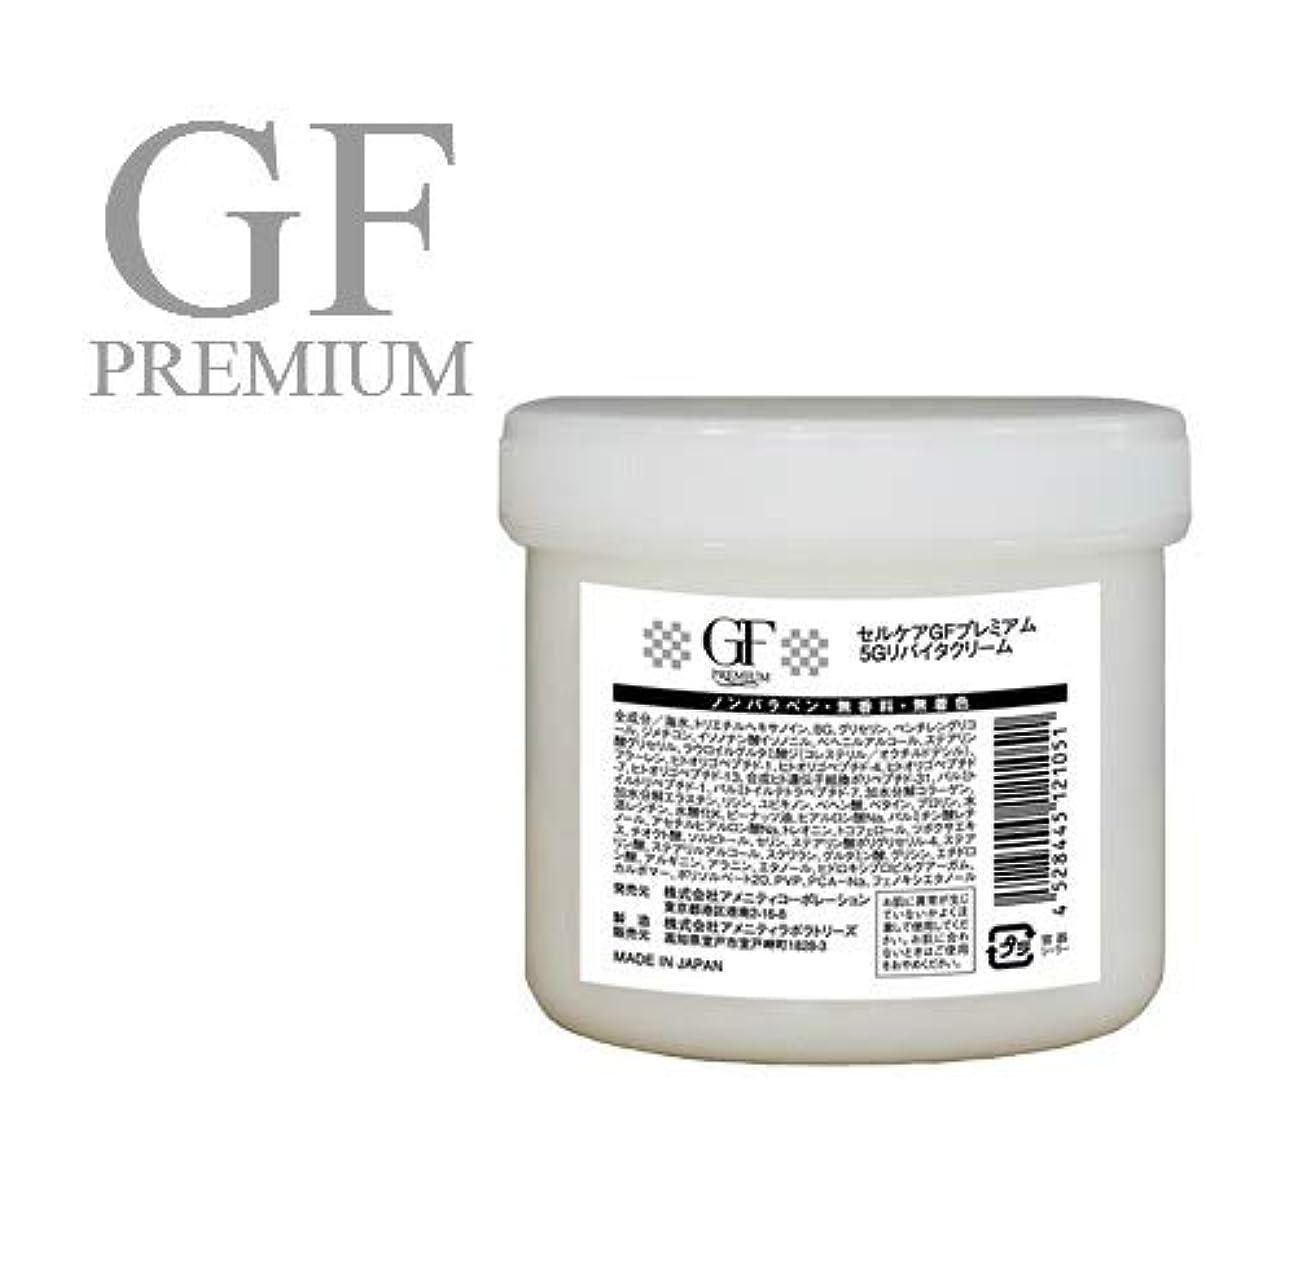 繰り返すタワー建築セルケア GF プレミアム 5G リバイタクリーム お徳用 250g